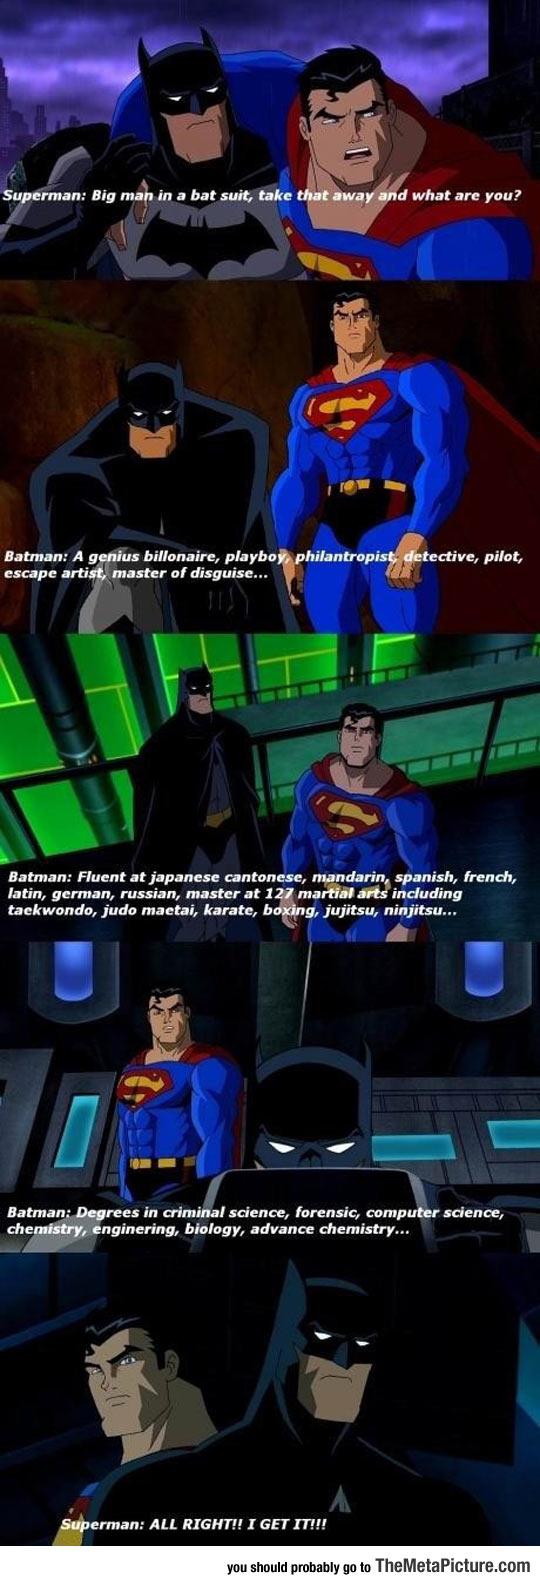 The Reason I Like Batman More Than Superman